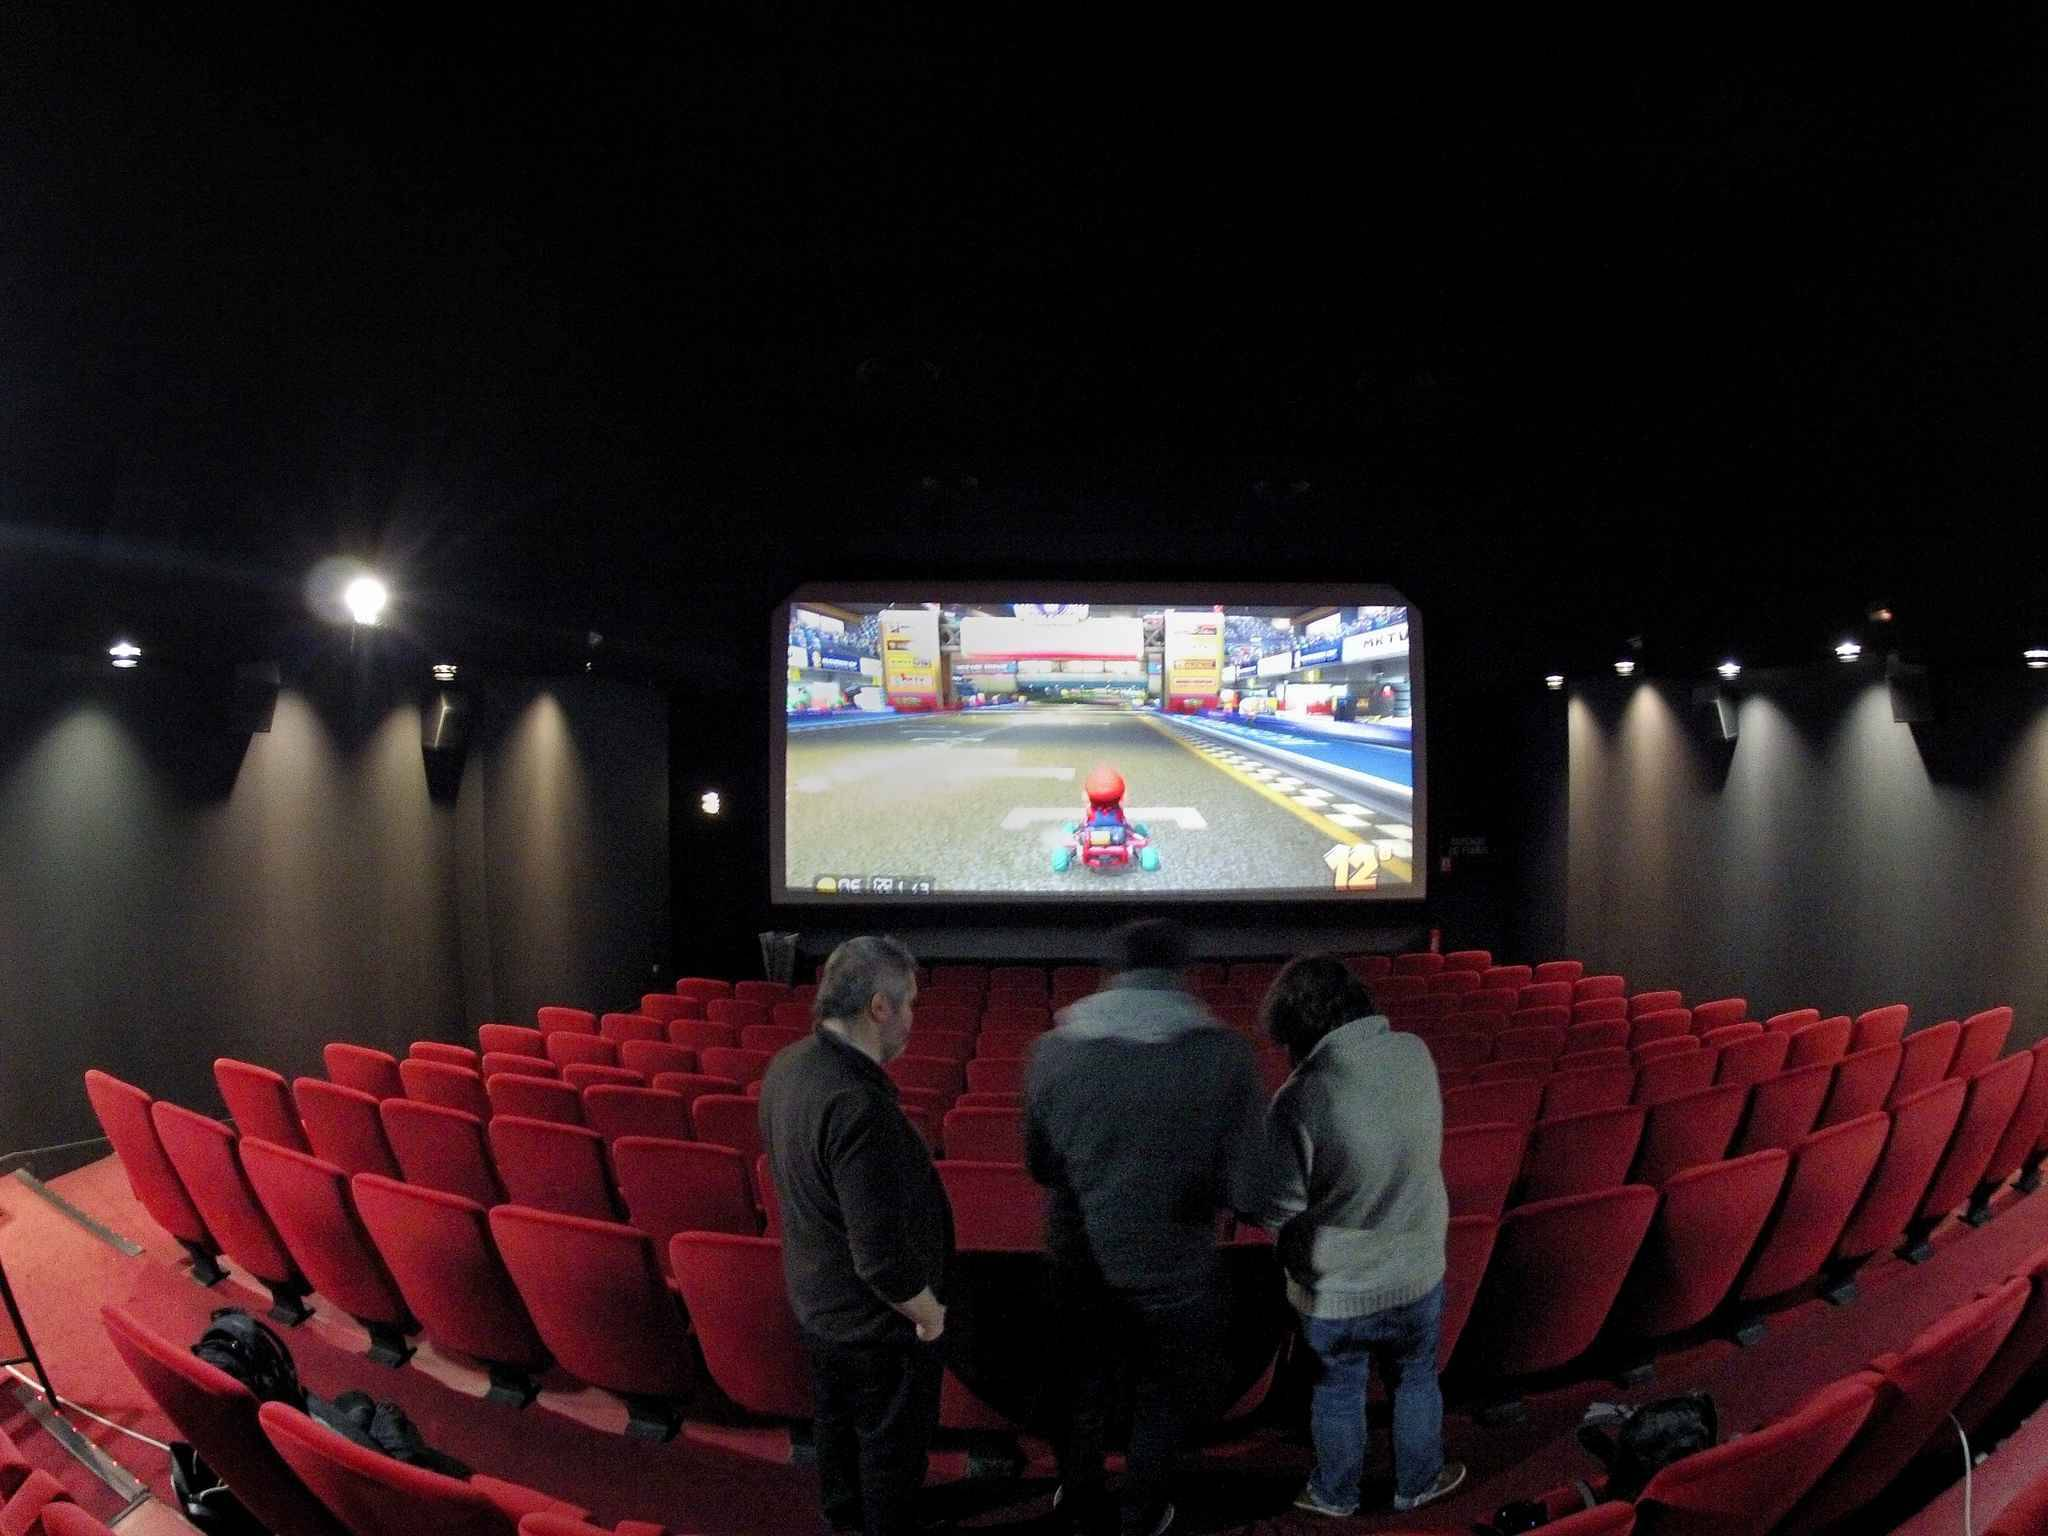 Jeux vid o une comp tition de mario kart sur un cran for Strasbourg cinema